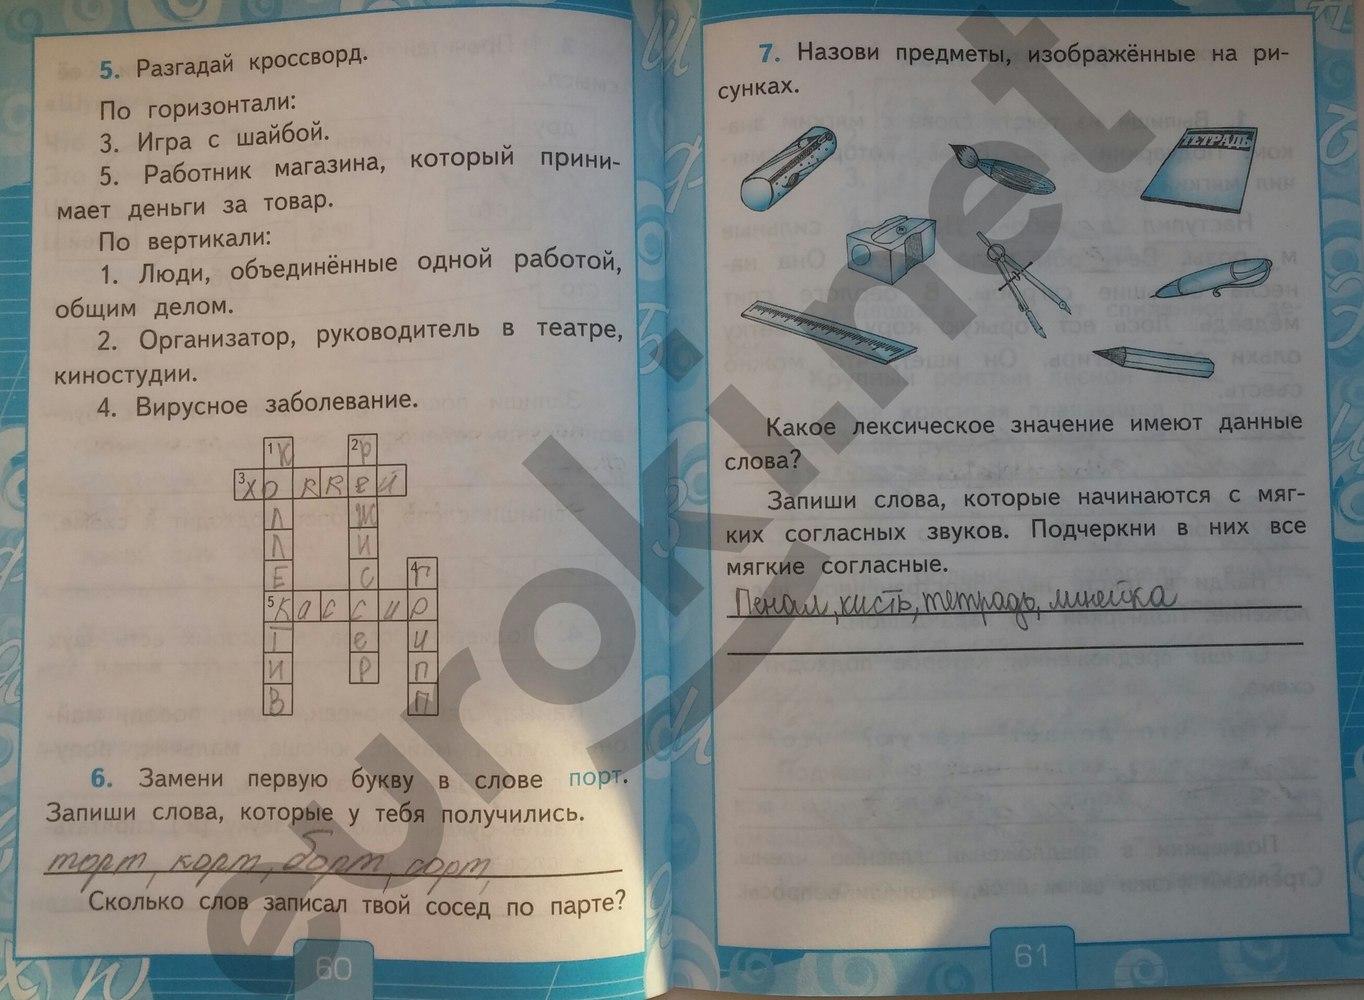 часть гдз языку по класс 1 русскому тетрадь 2